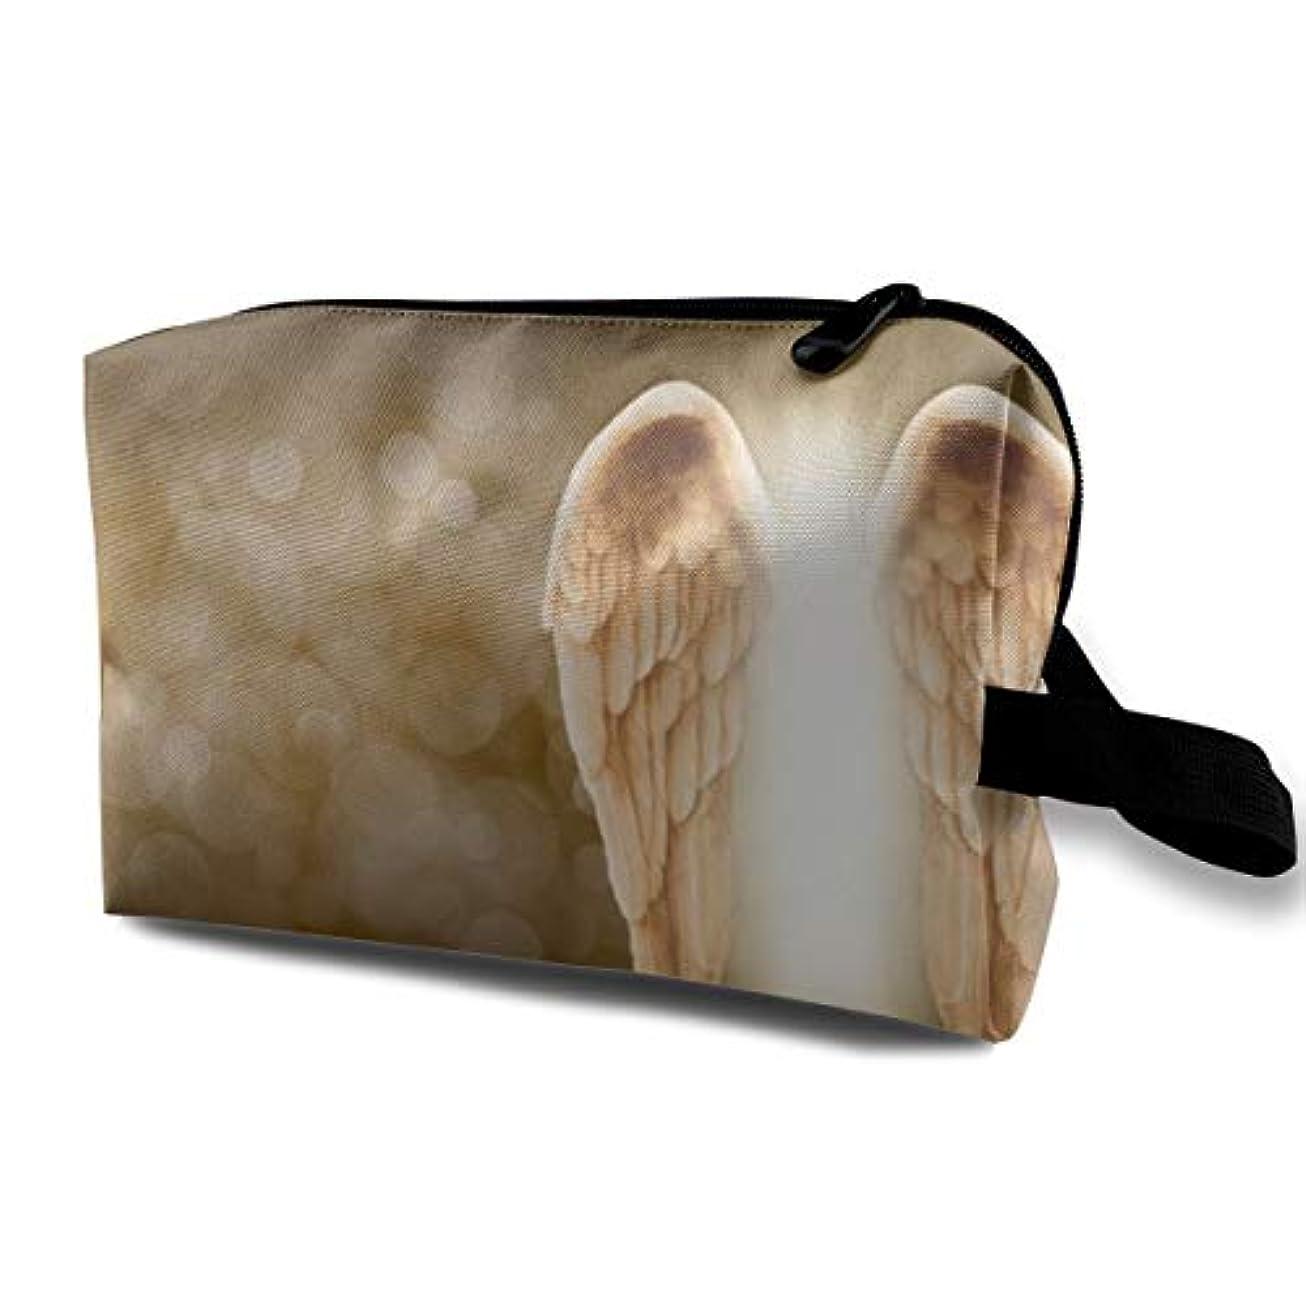 焦がす第三アーサーAngel Wing 収納ポーチ 化粧ポーチ 大容量 軽量 耐久性 ハンドル付持ち運び便利。入れ 自宅?出張?旅行?アウトドア撮影などに対応。メンズ レディース トラベルグッズ